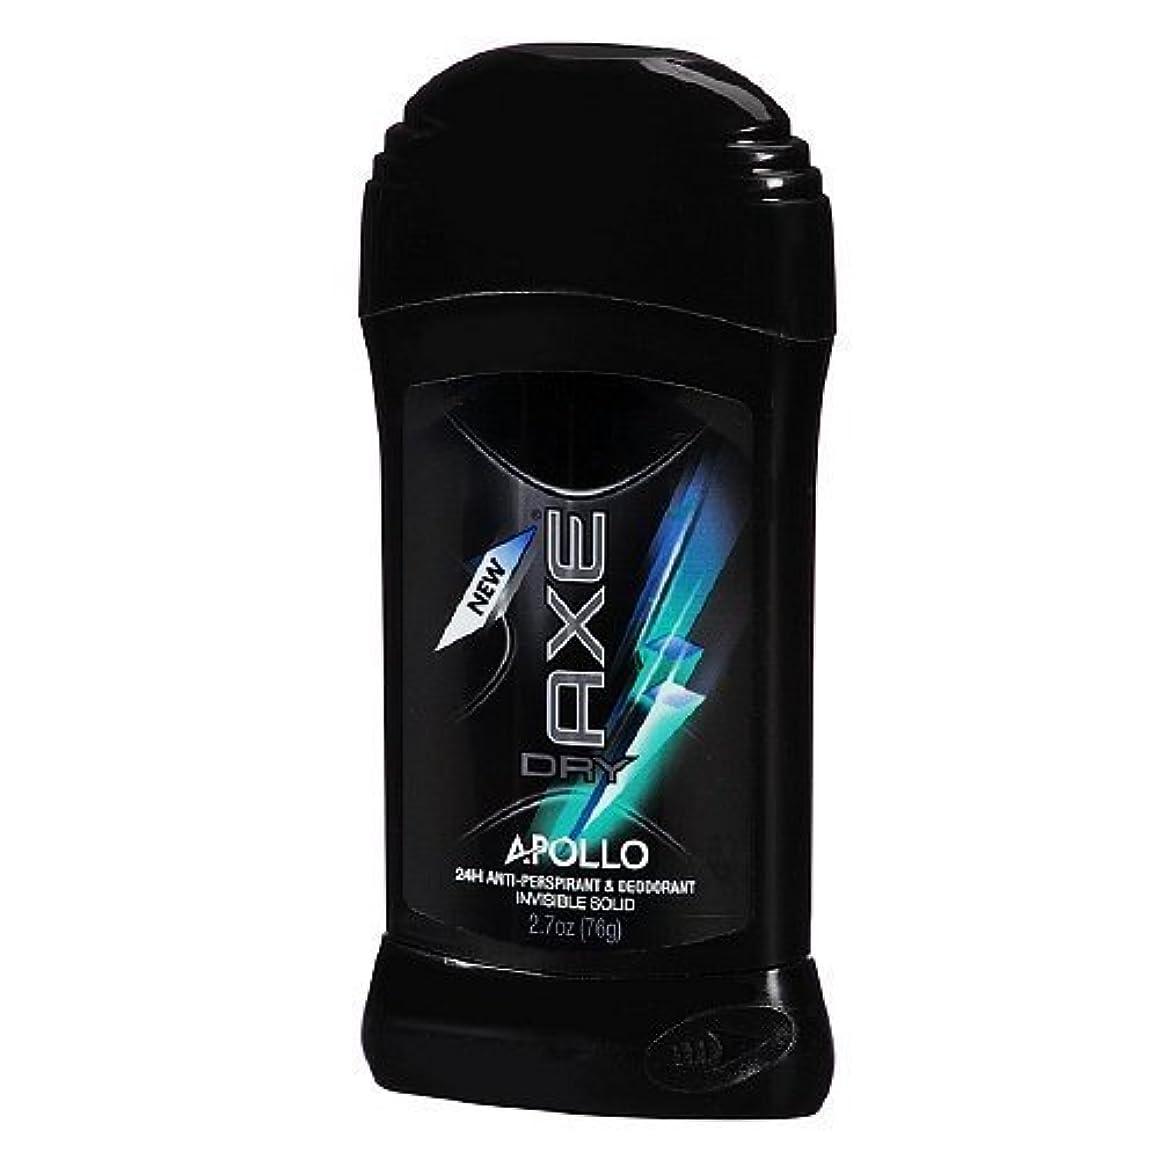 時代乱れ準備したAxe Dry Antiperspirant Deodorant - Apollo - Invisible Solid - Net Wt. 2.7 OZ Each - Pack of 3 by Unilever [並行輸入品]